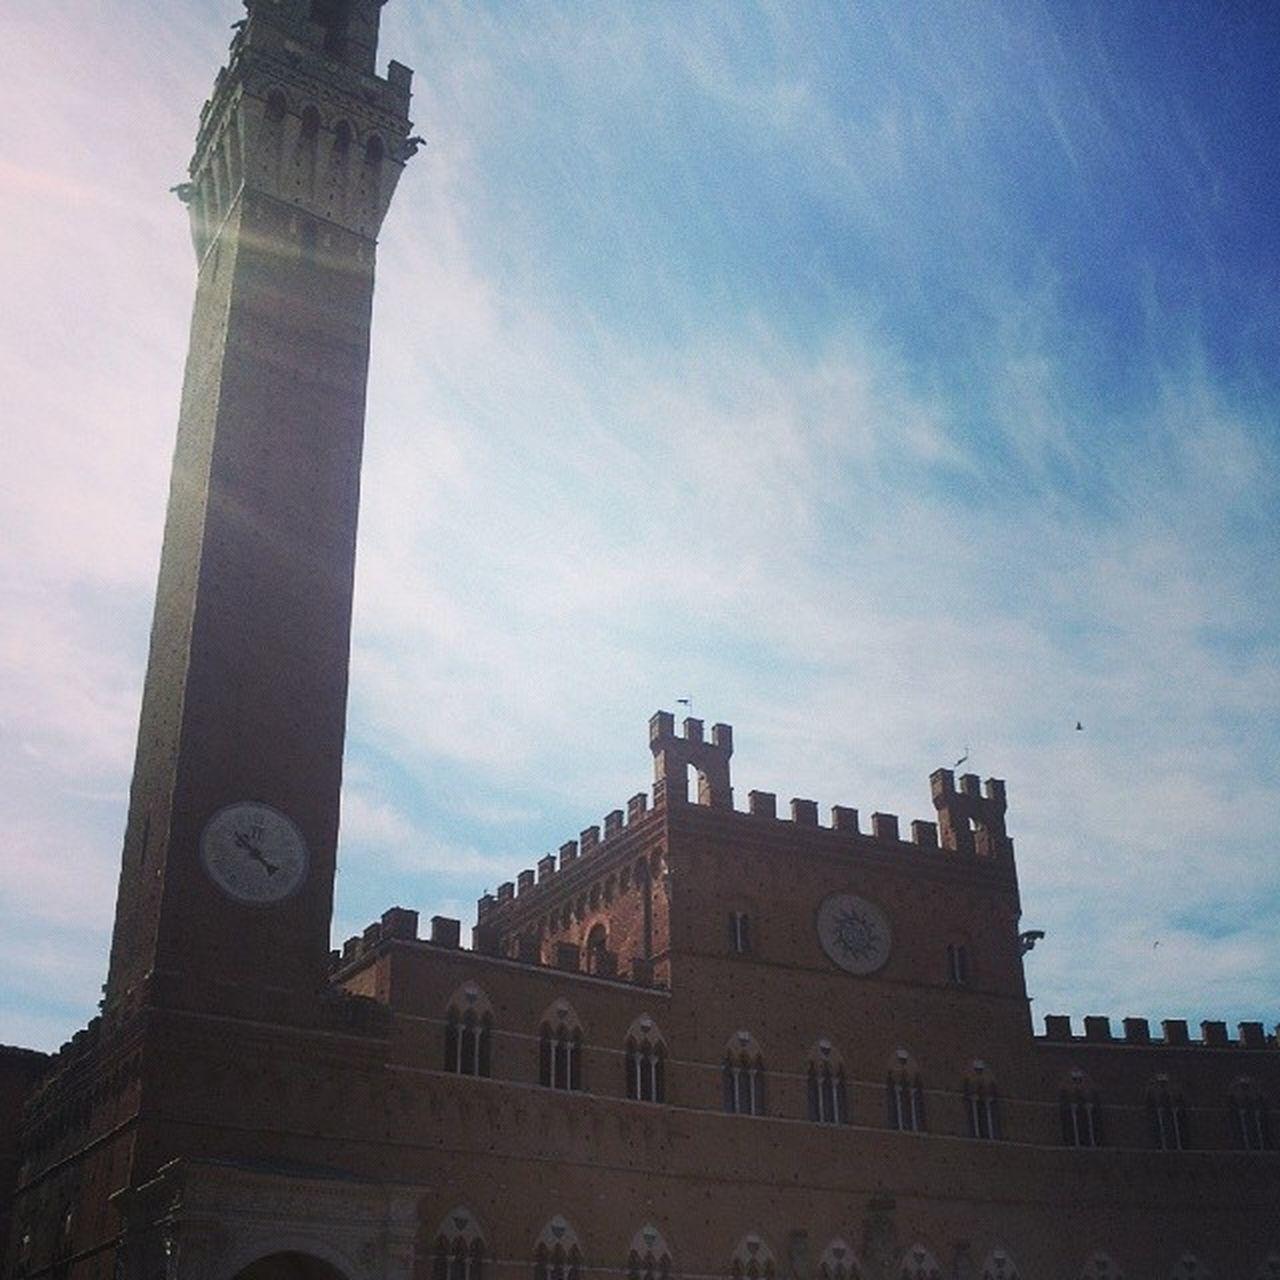 Beautiful Tuscany Tuscany Siena Sangiminiano Volterra tower sky medievaltimes architecture